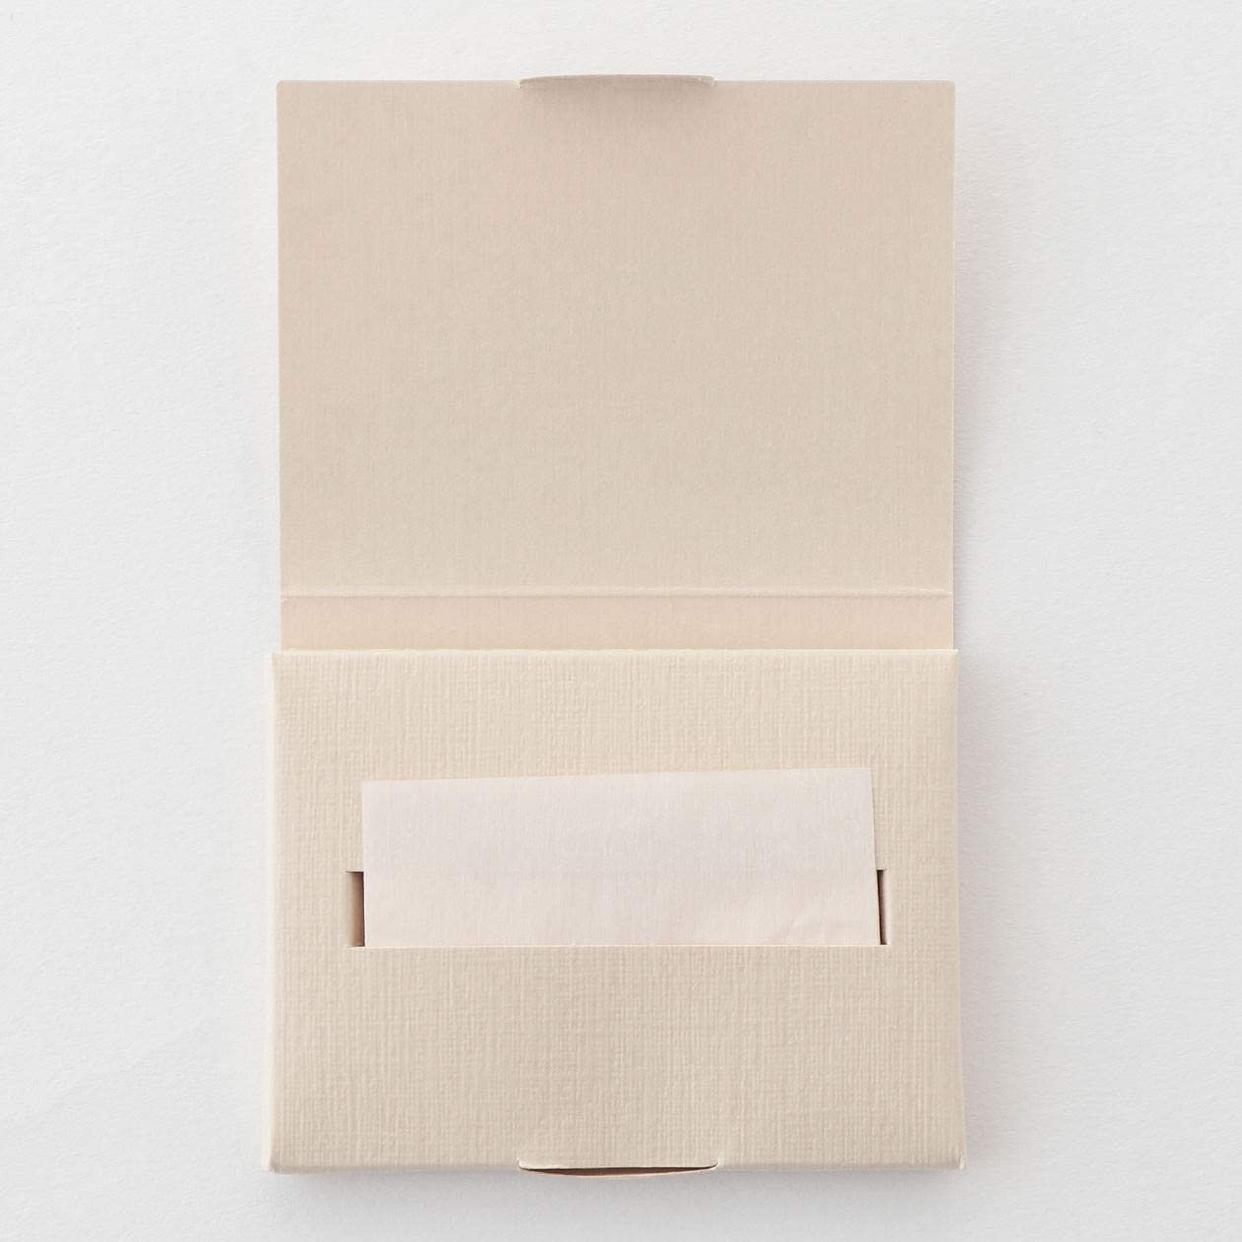 無印良品(MUJI) 紙おしろい (新)の商品画像3